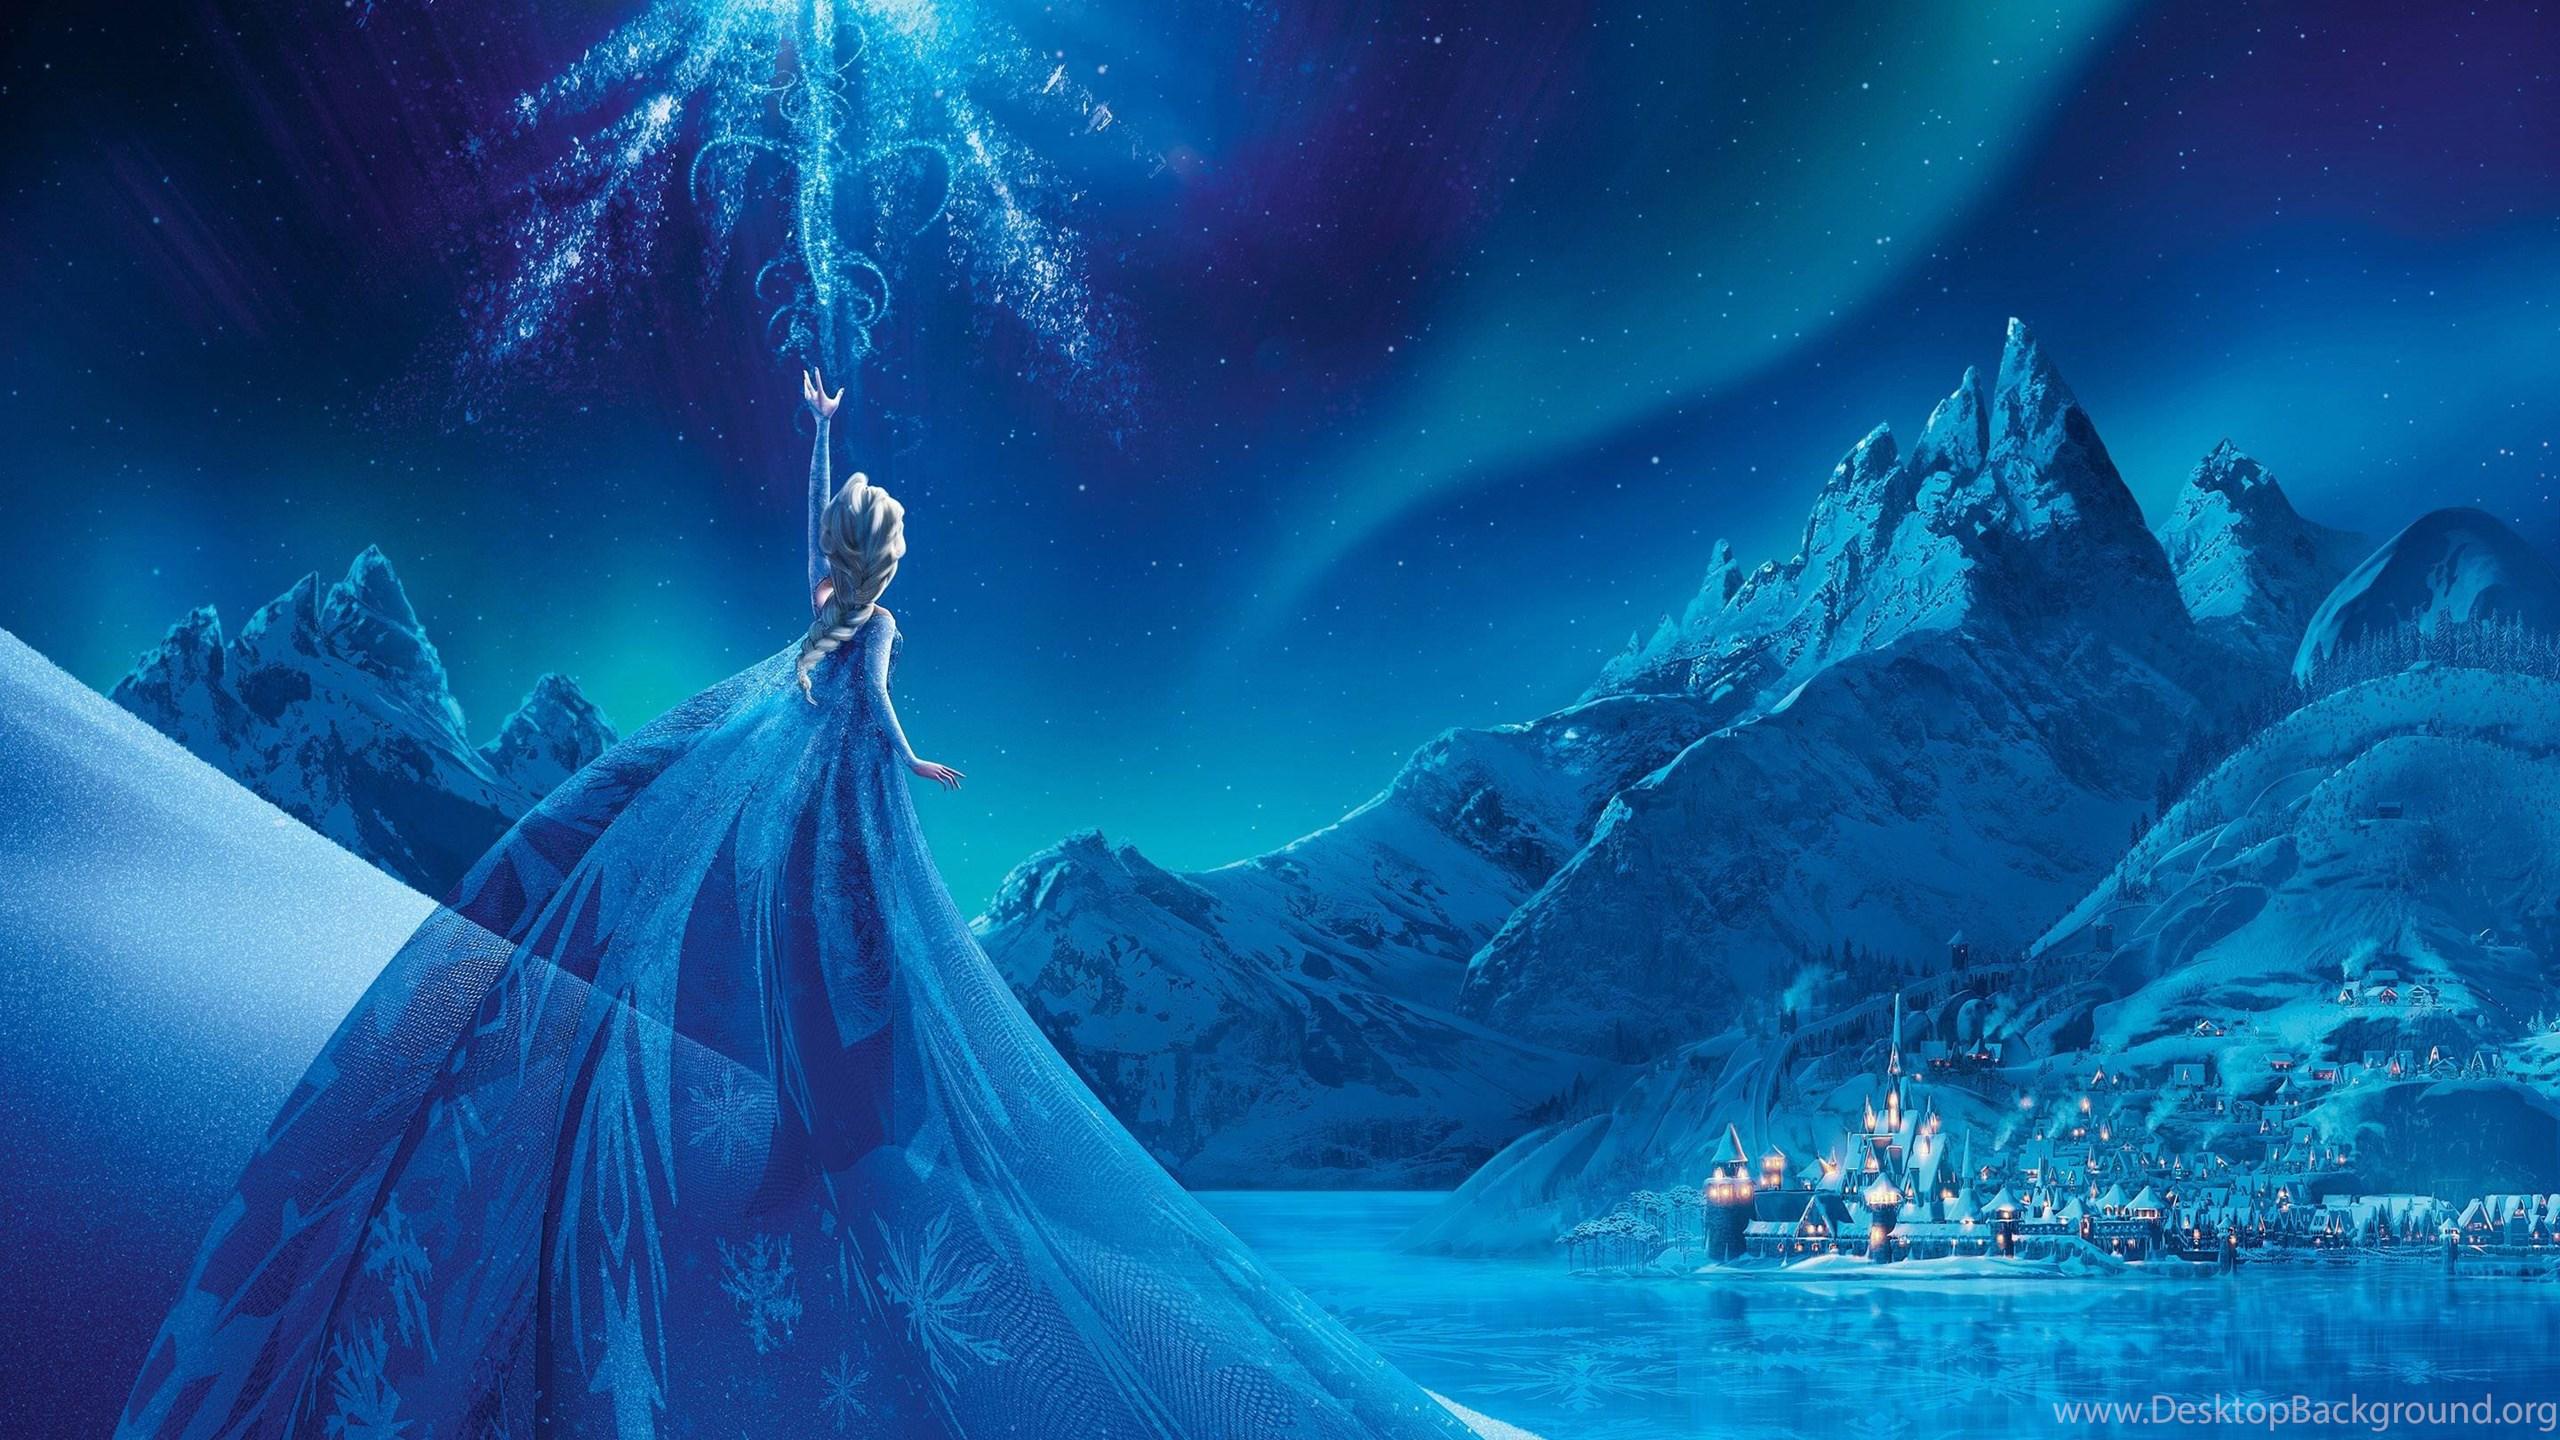 Disney Wallpapers Hd Backgrounds Download Iphones